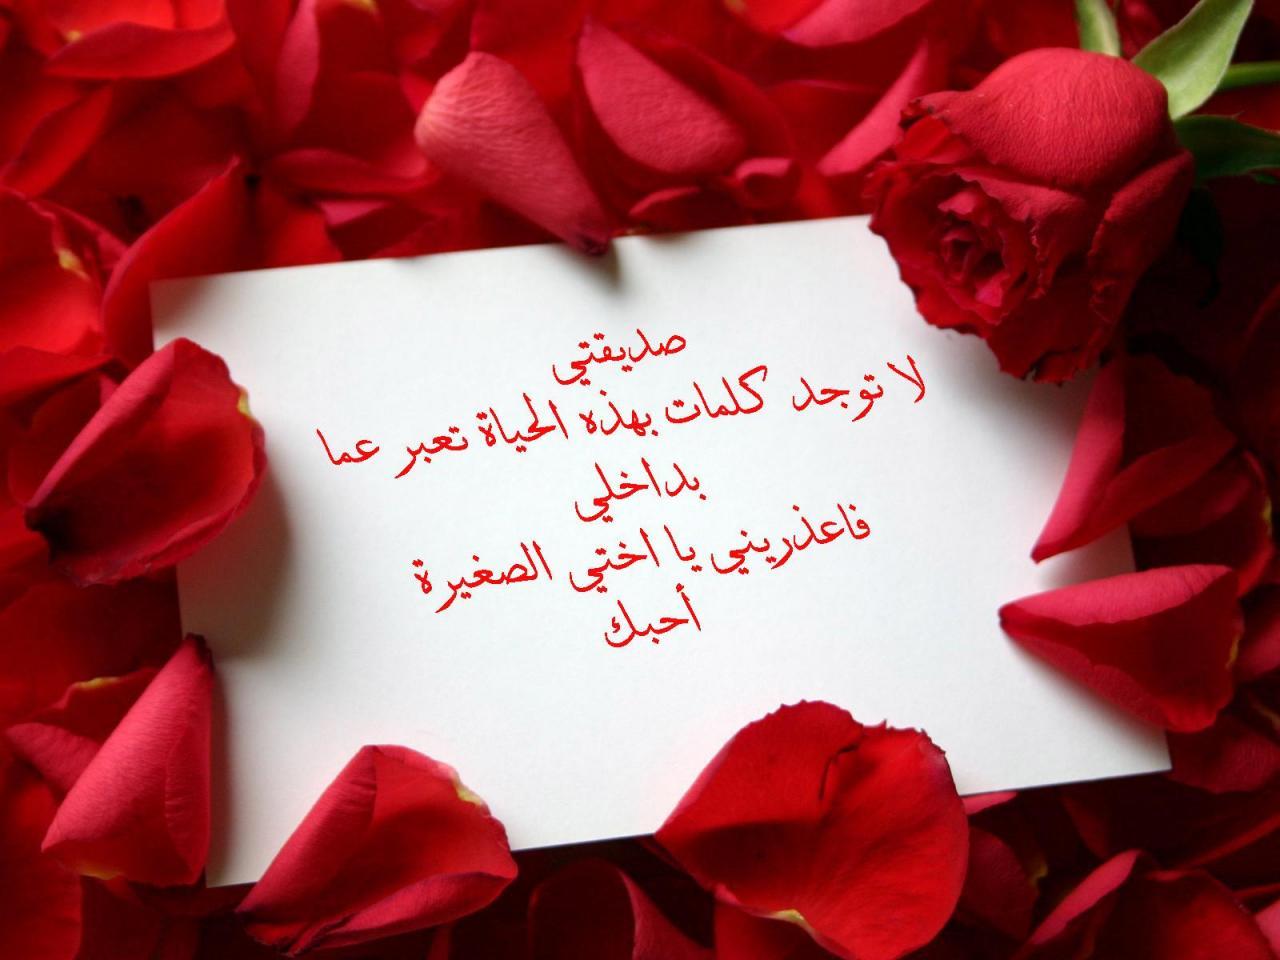 صورة كلمات شكر لصديقتي على الهديه , رسالة شكر للصديقة